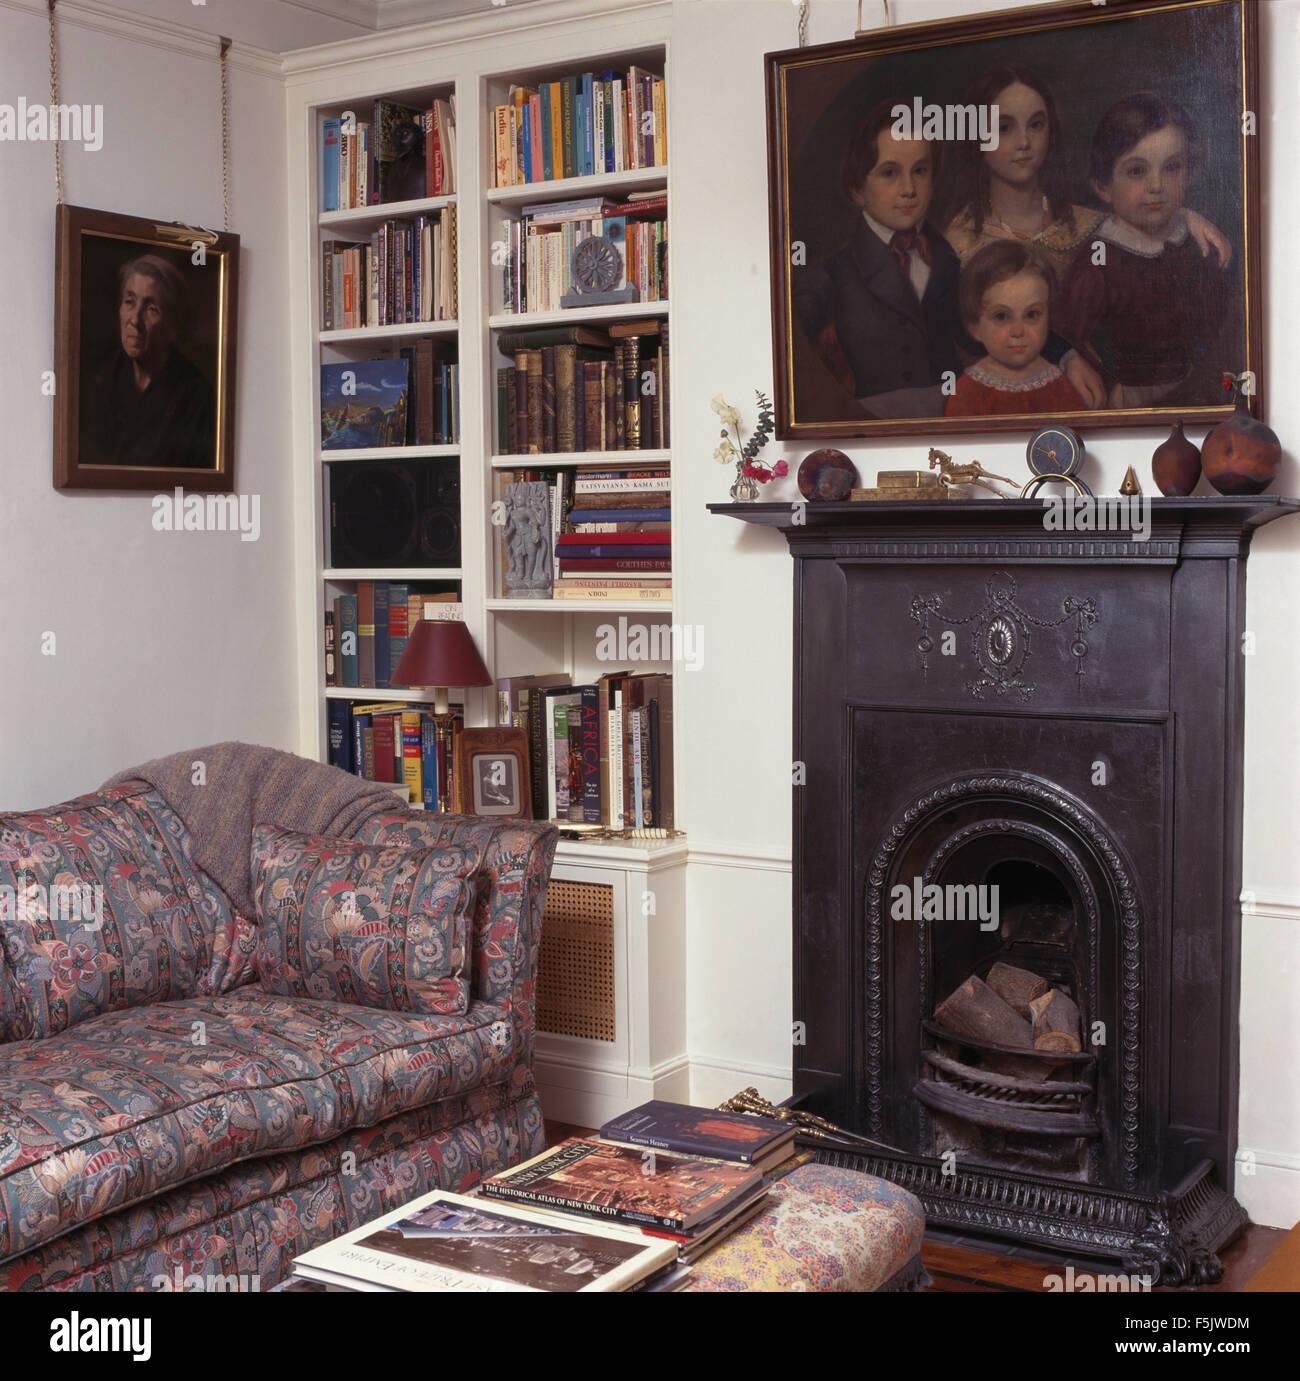 lgem lde ber kleine gusseisen kamin ich ein wohnzimmer mit 90er baujahr b cherregal und einem. Black Bedroom Furniture Sets. Home Design Ideas